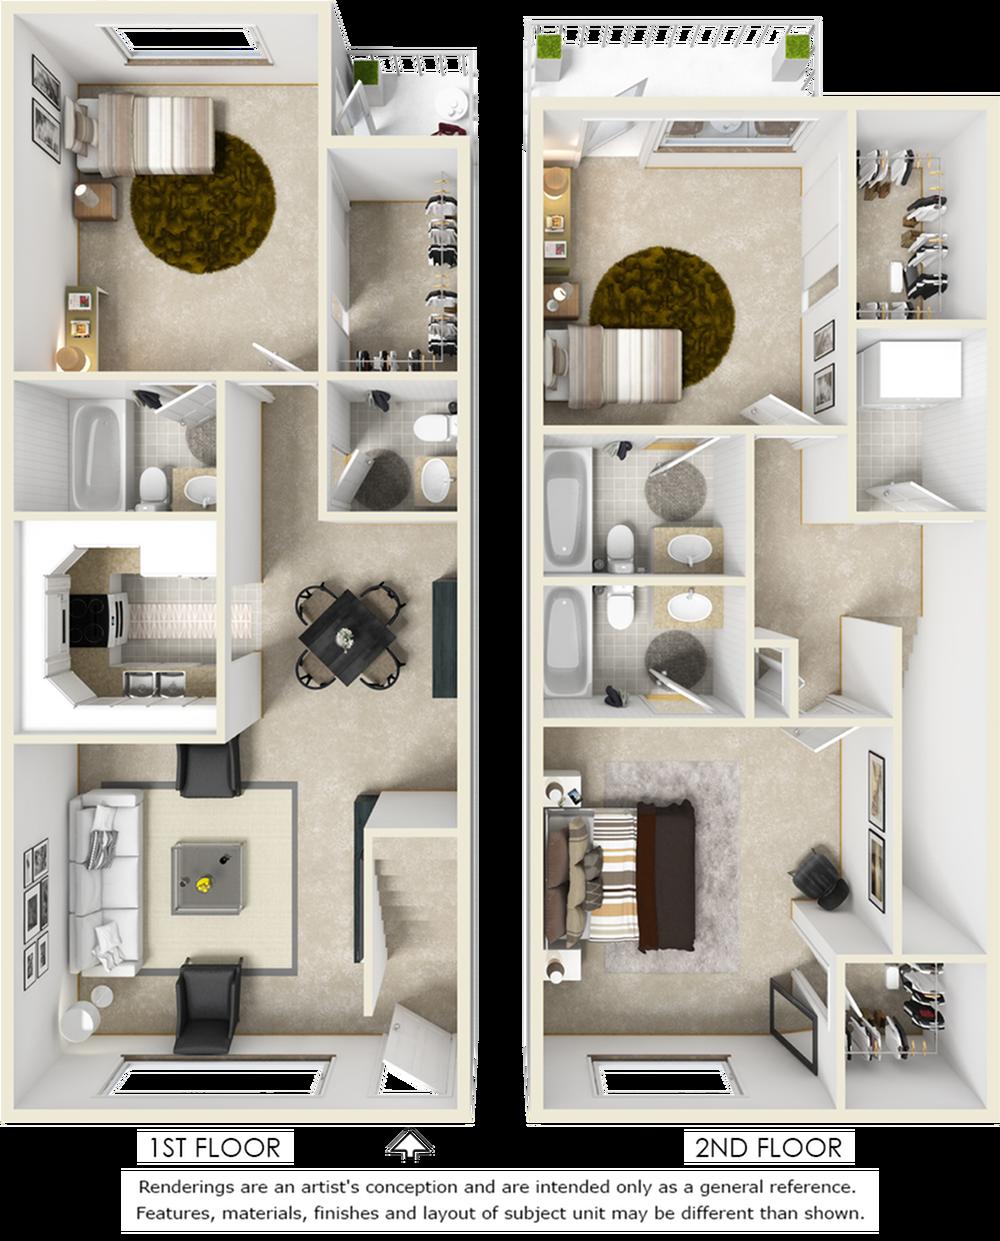 Windsor 3 bedroom 3 bathroom floor plan